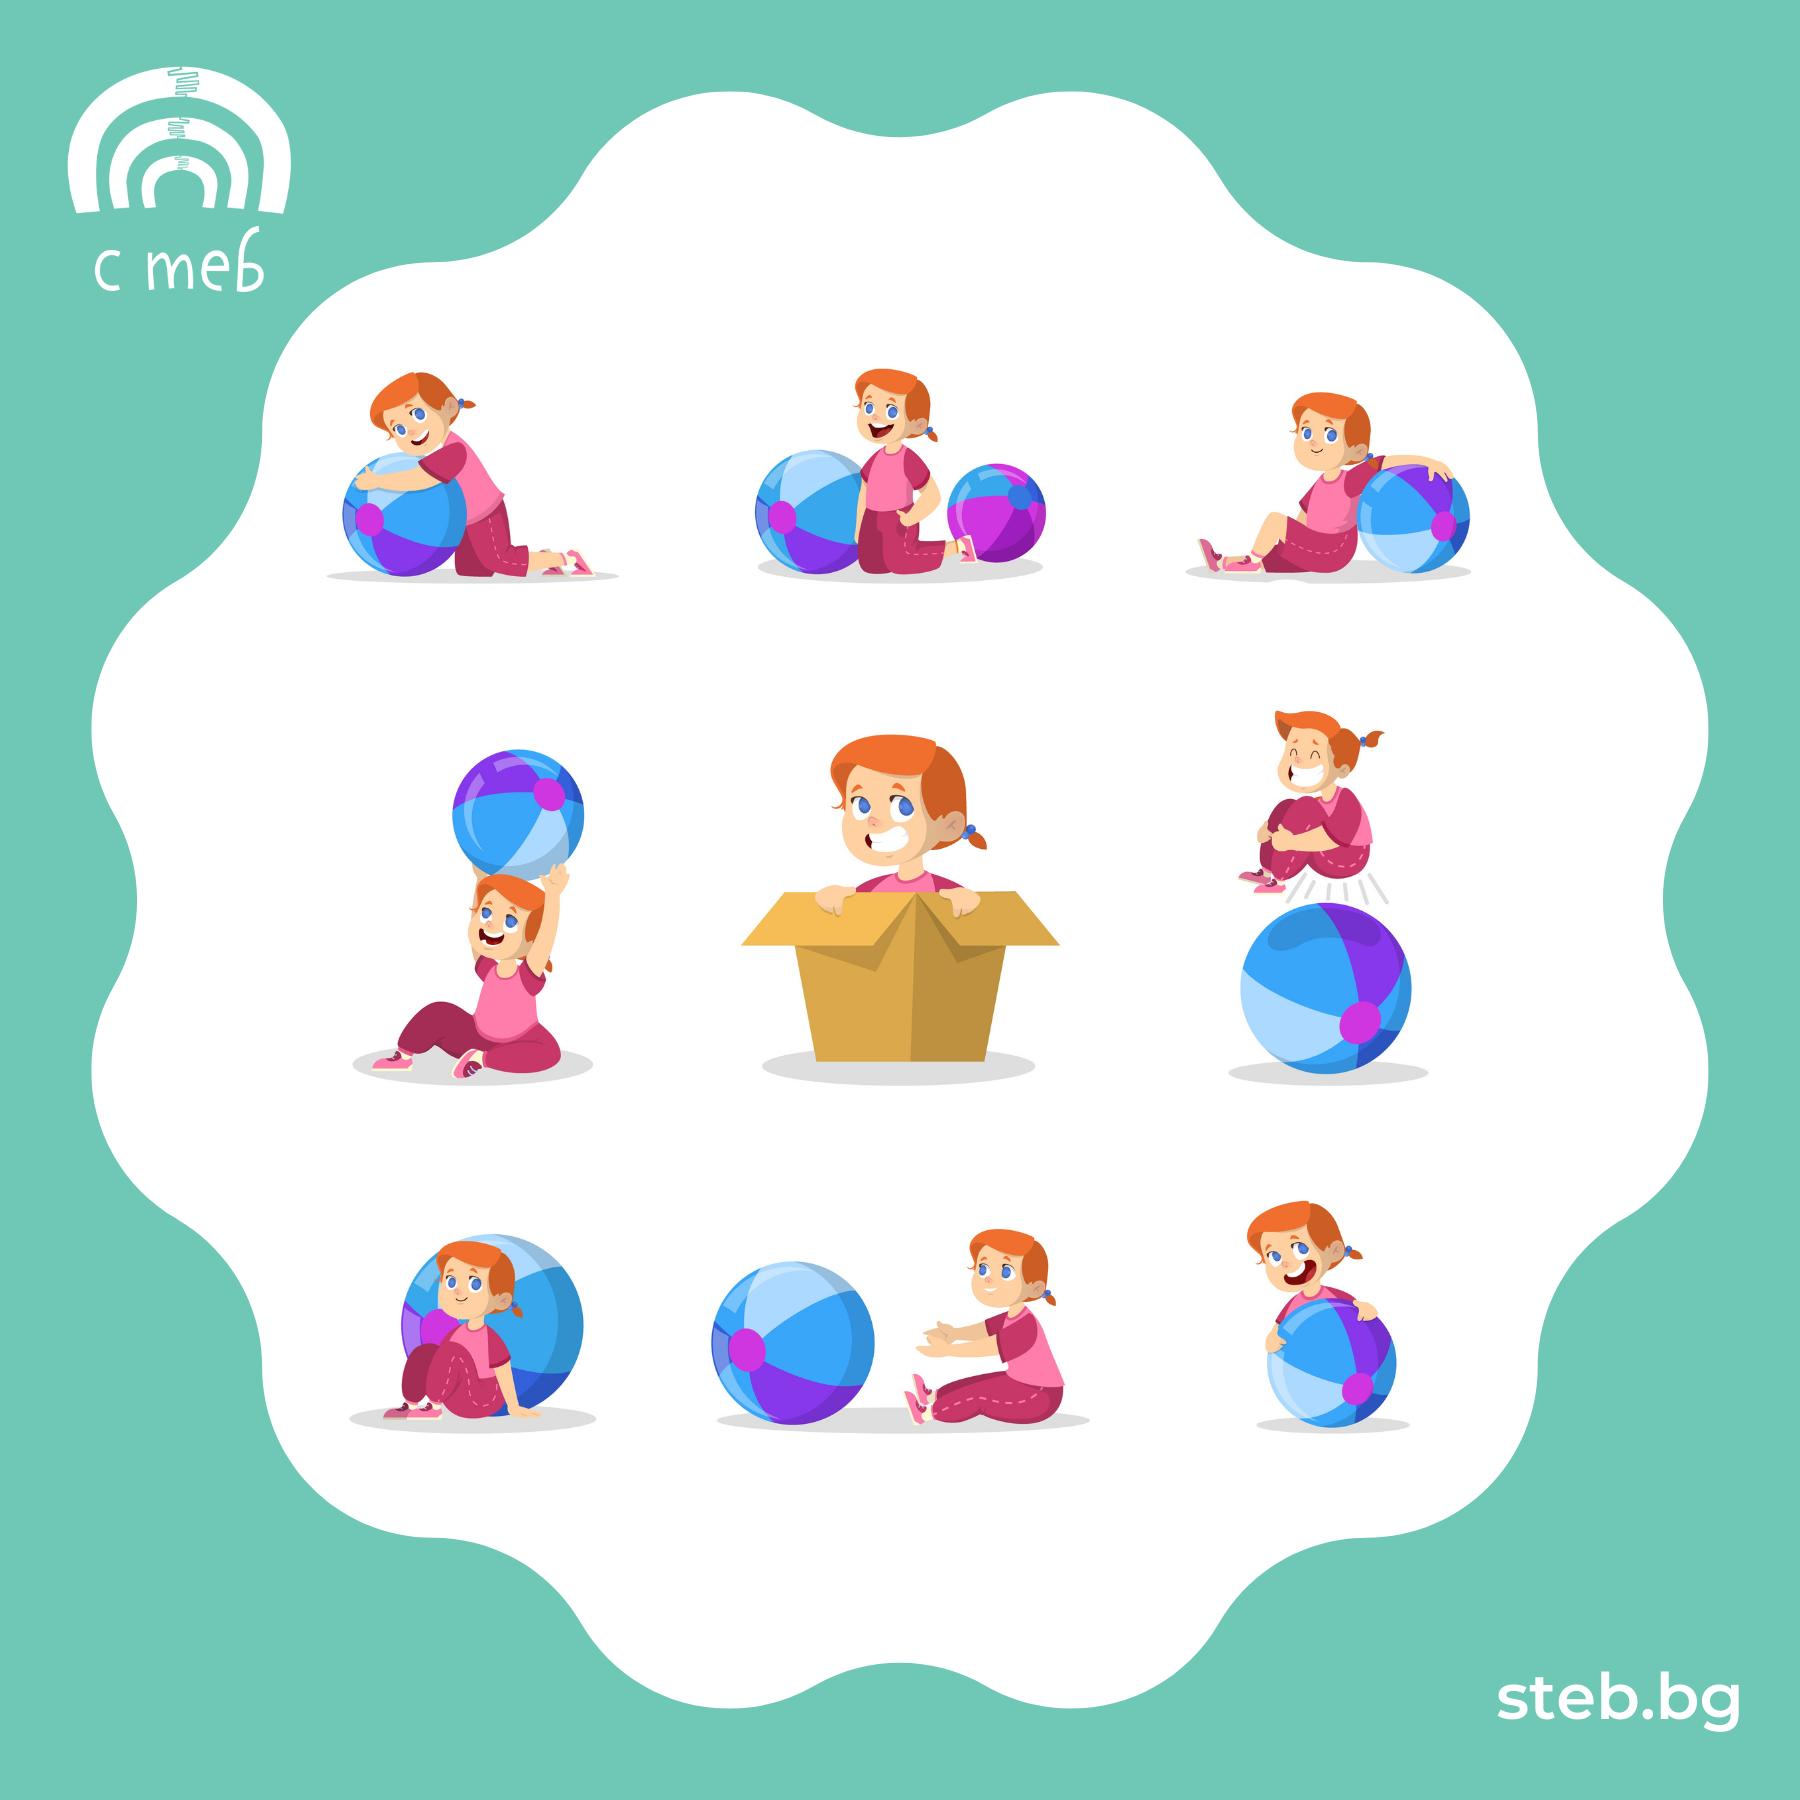 игра, предлози, психолог, логопед, детско развитие